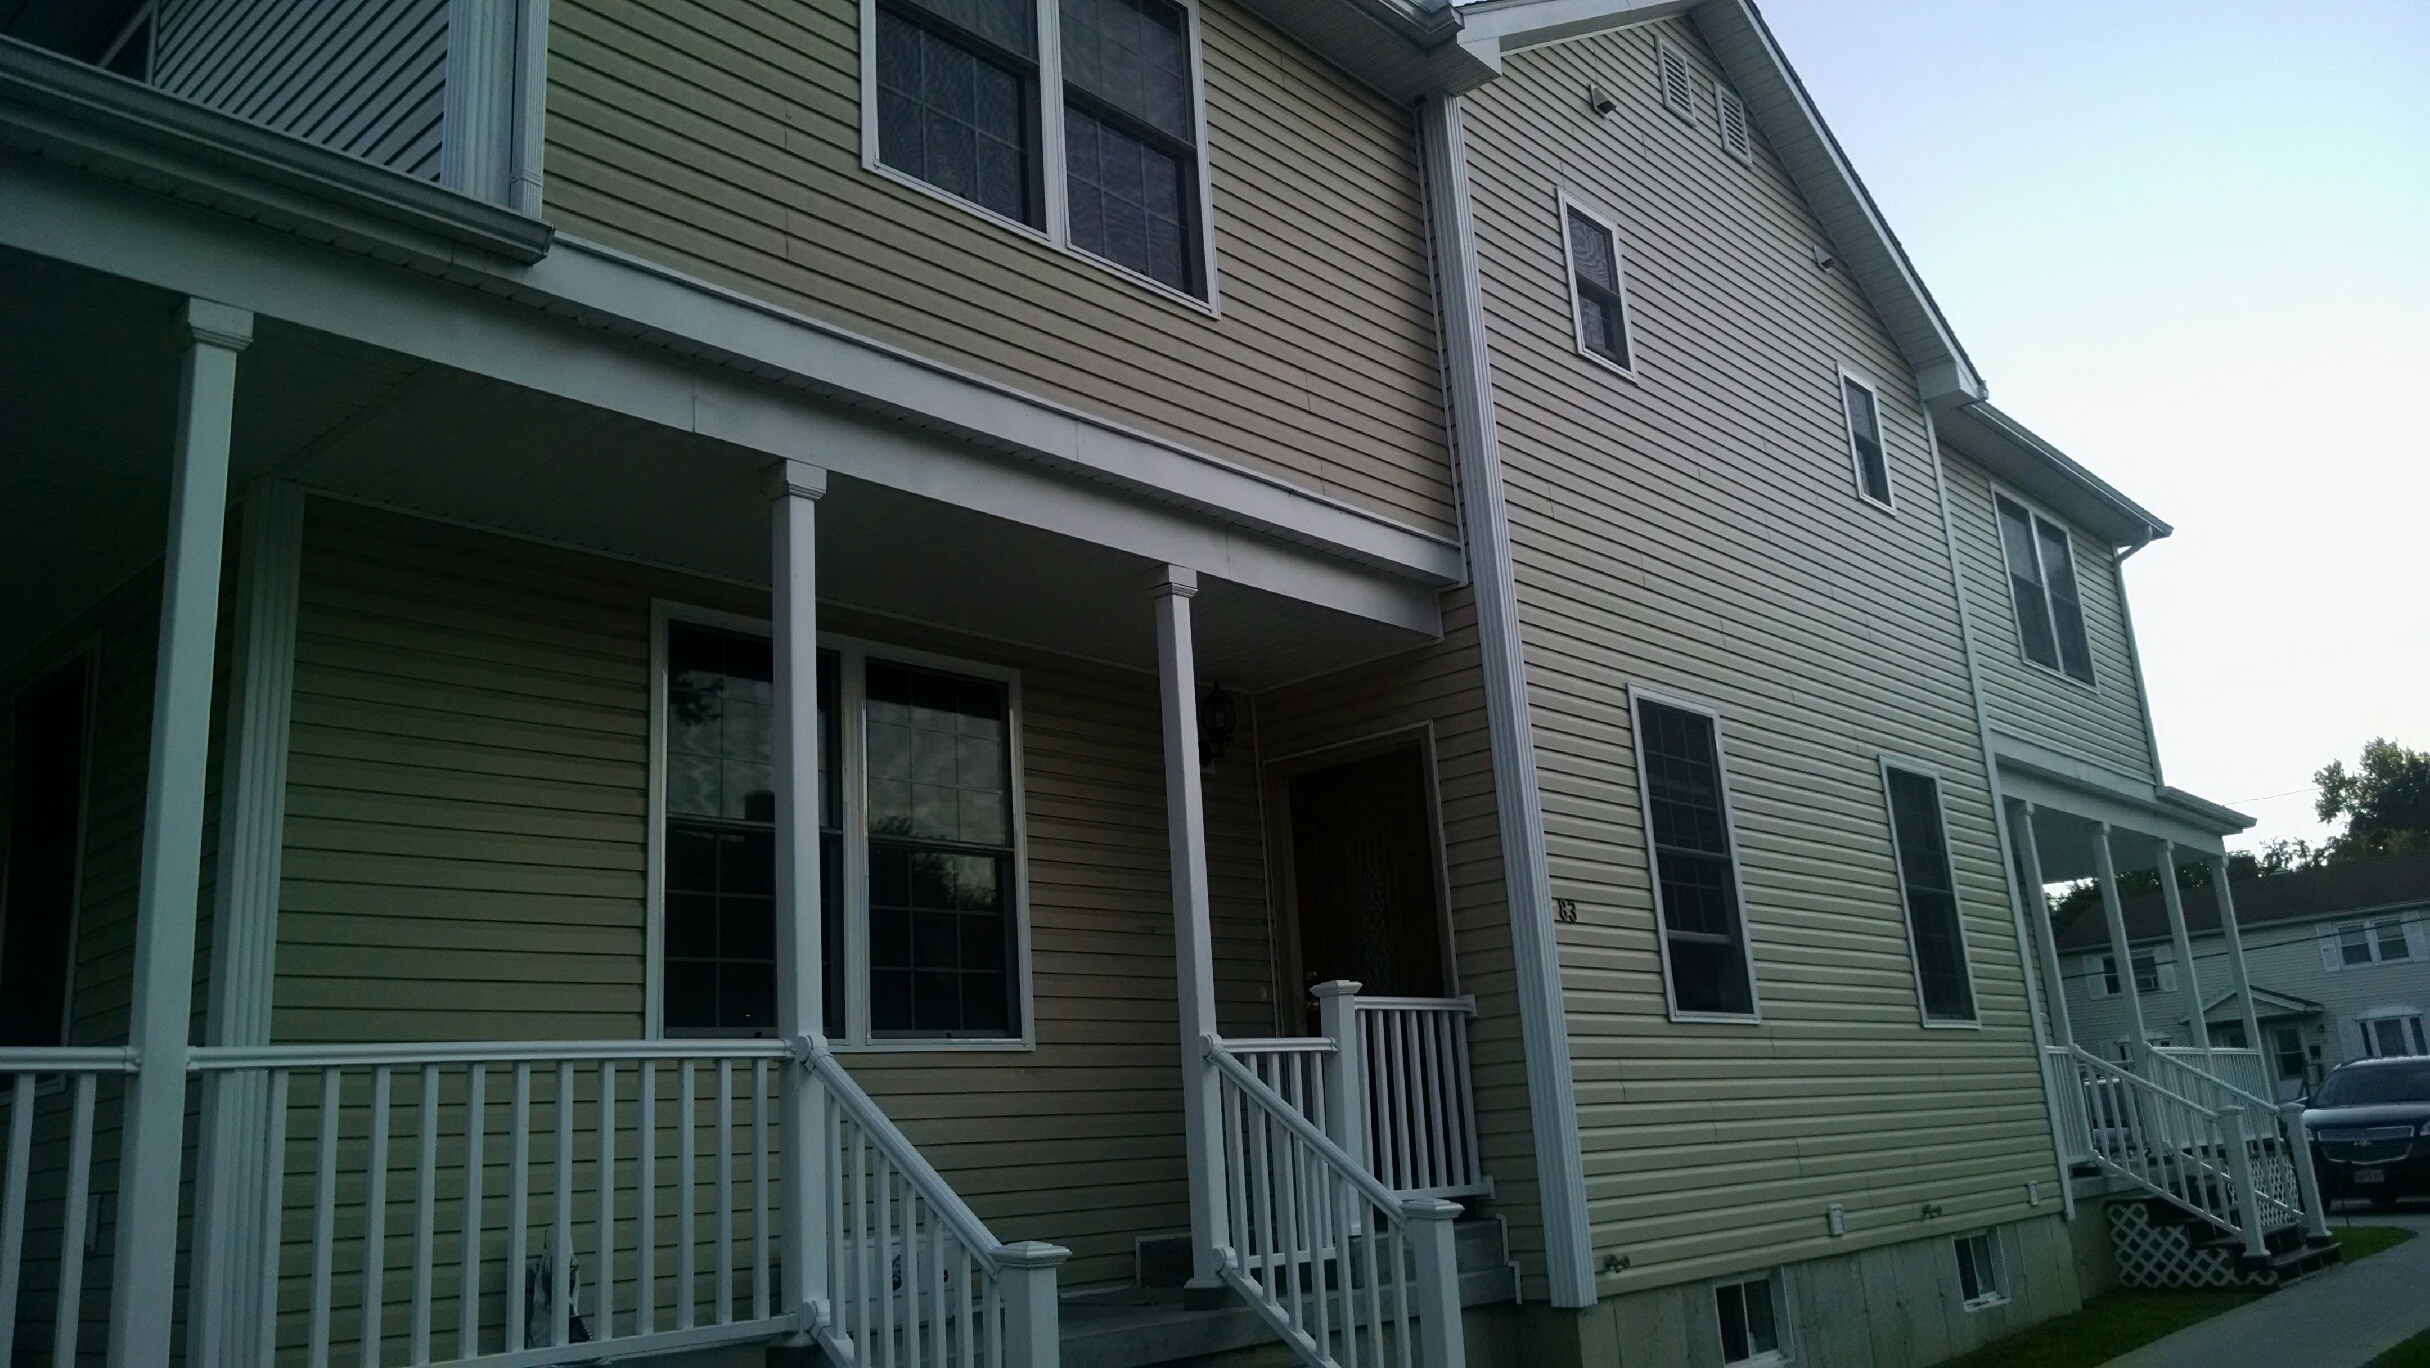 81-83 Walnut Street, Agawam, Massachusetts 01001